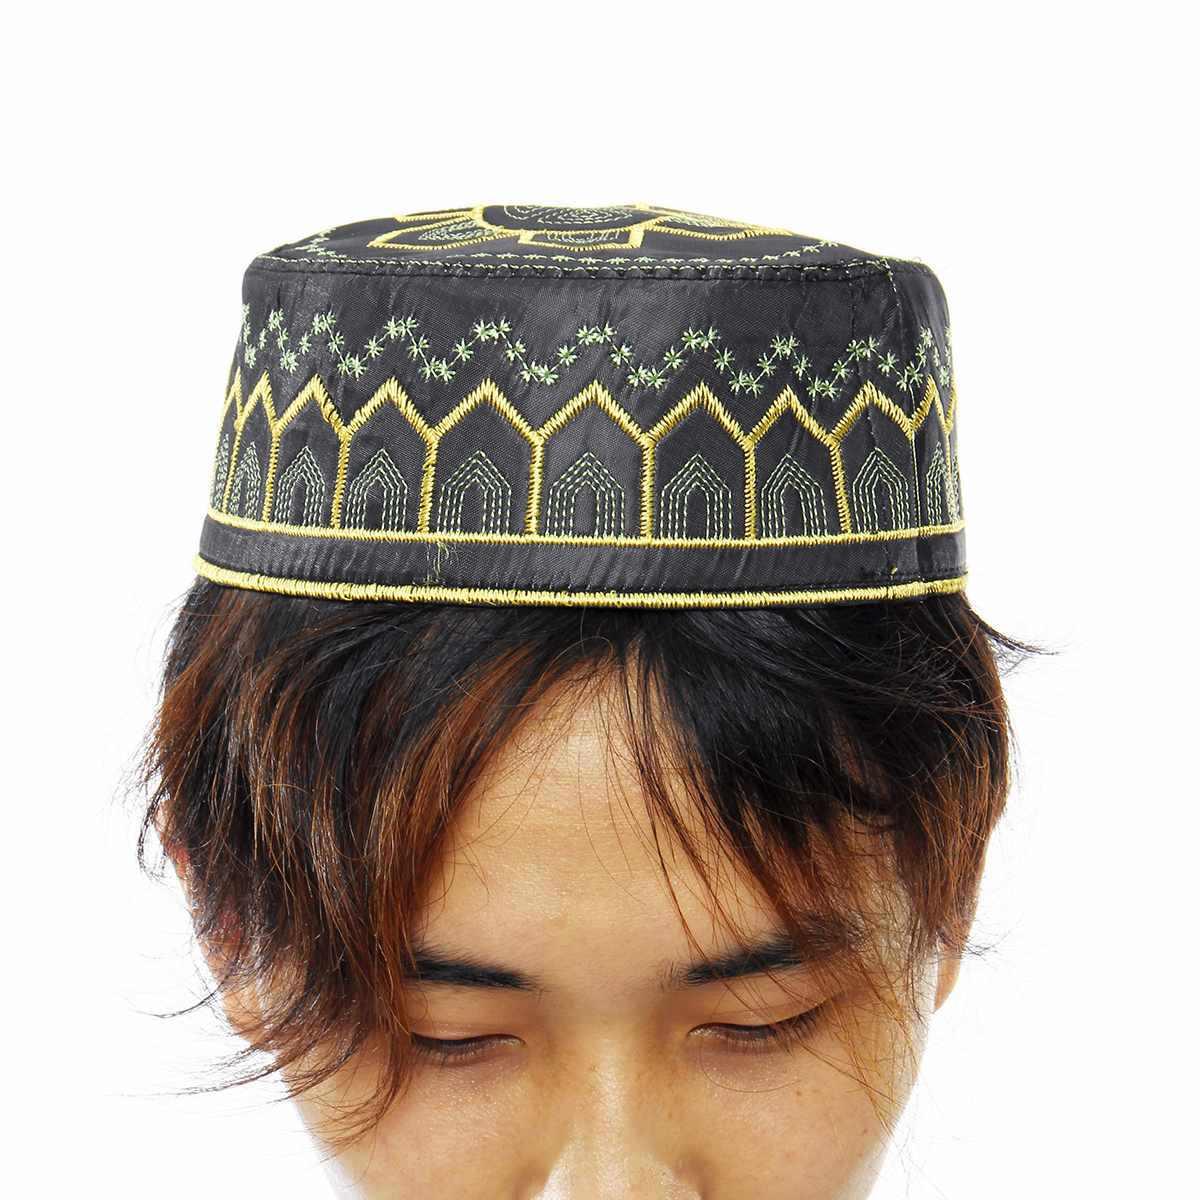 แฟชั่นมุสลิมอิสลามสวดมนต์หมวกหมวกหมวกอินเดียหมวก Topi Kufi รอบหมวก Eid Ramadan อธิษฐานชายอาหรับมุสลิมใหม่มาถึง 2019